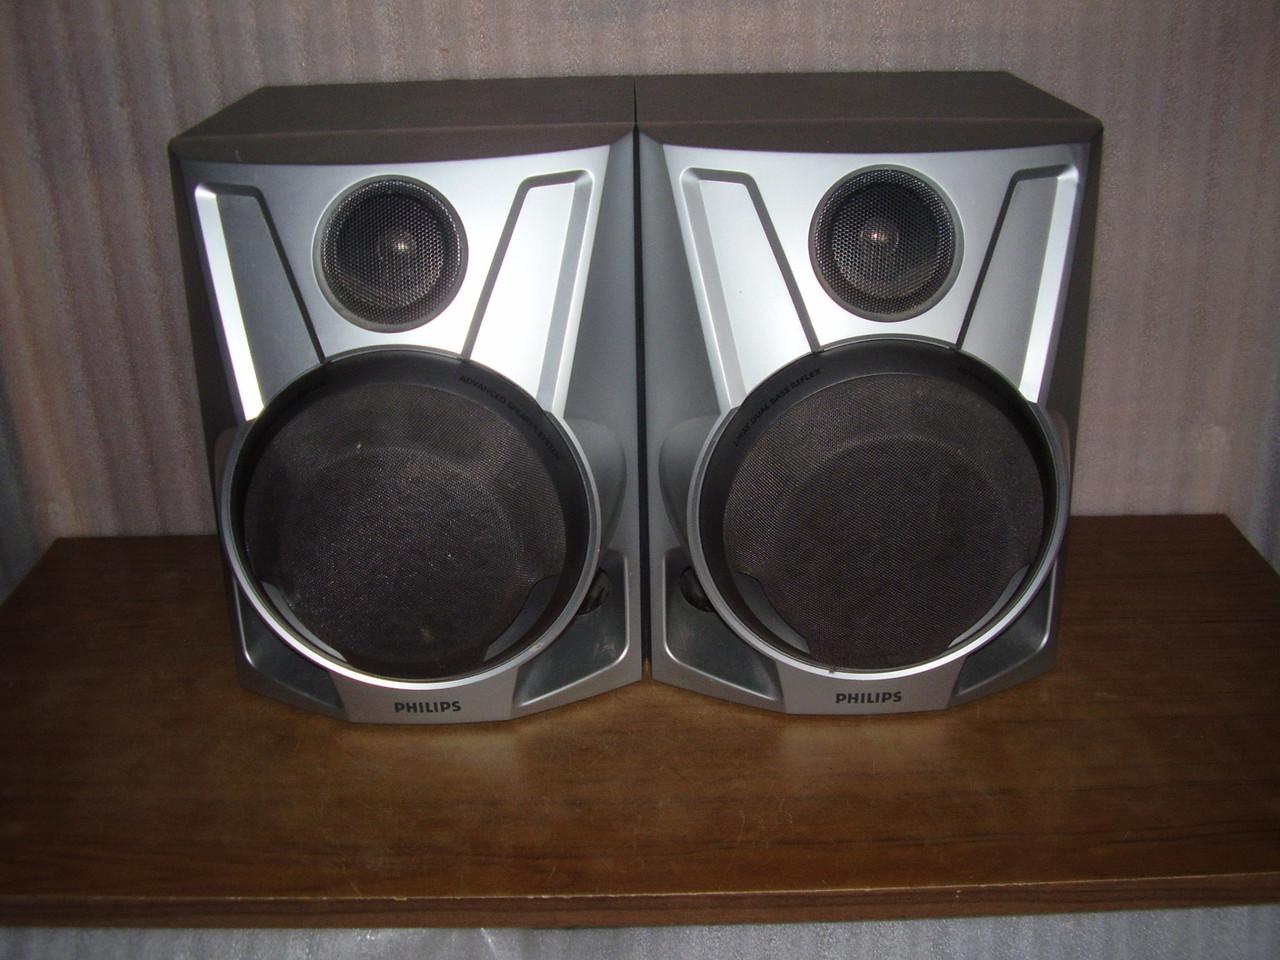 Колонки от муз. центра Philips FW-C55/34